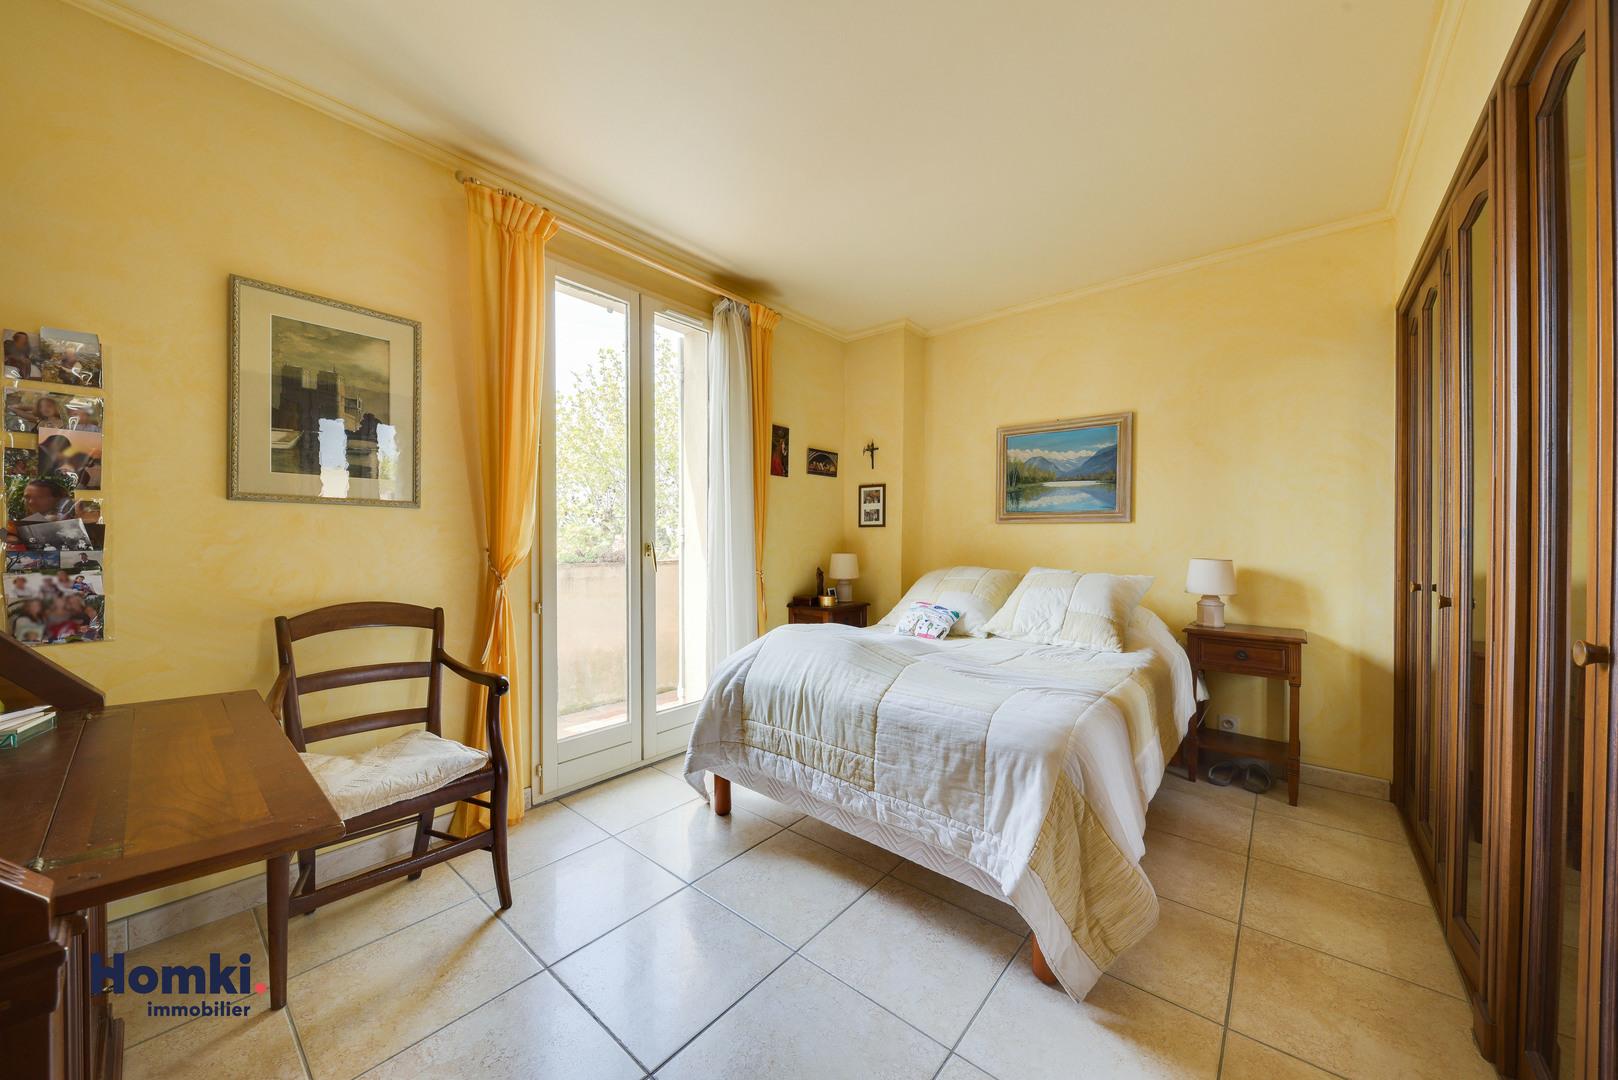 Vente Maison 105m² T4 13007 ROUCAS BOMPARD_10